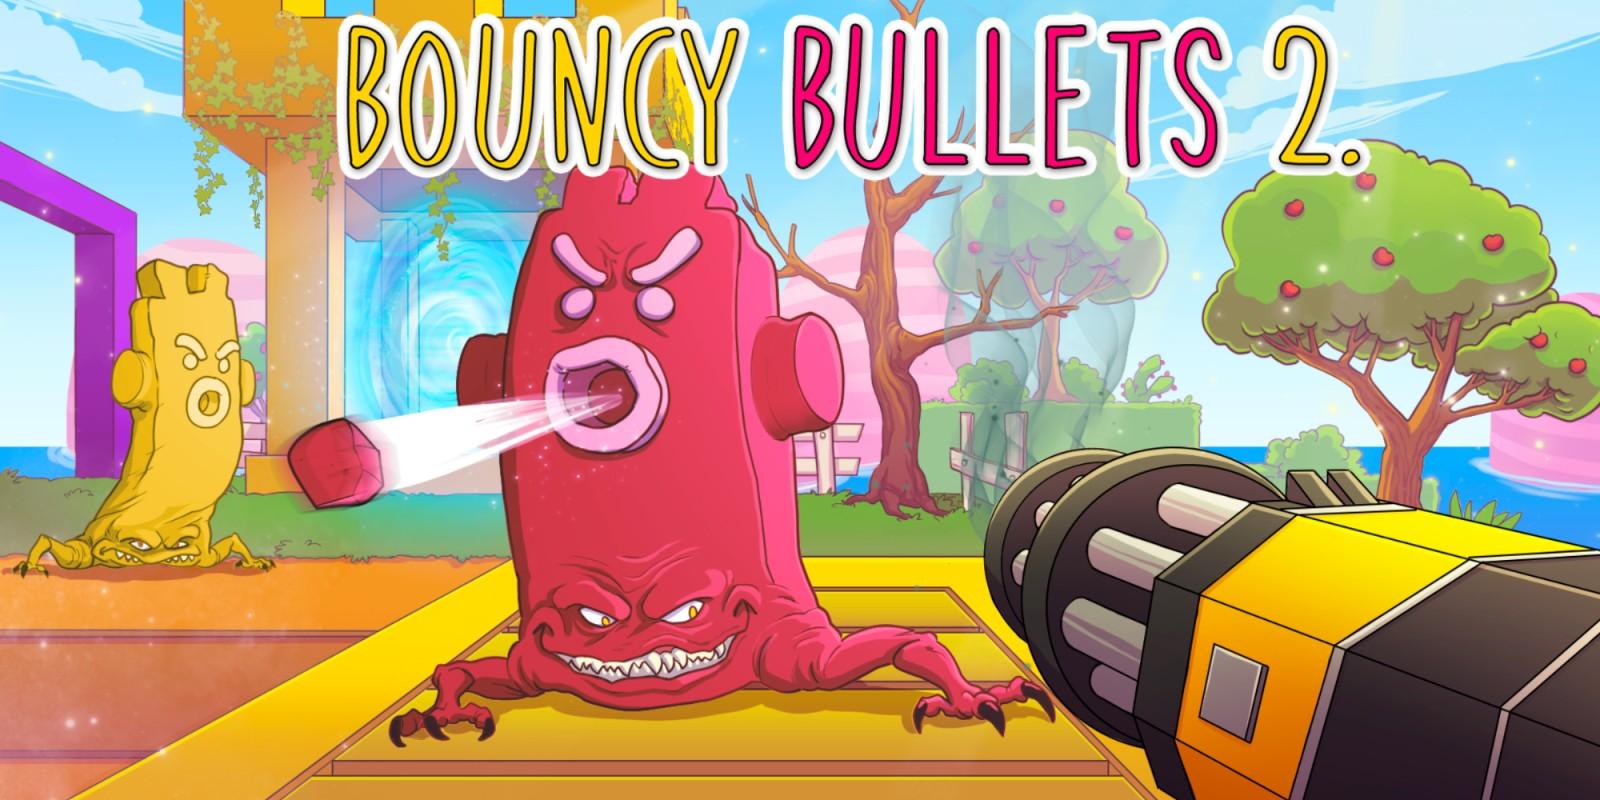 Bouncy Bullets 2